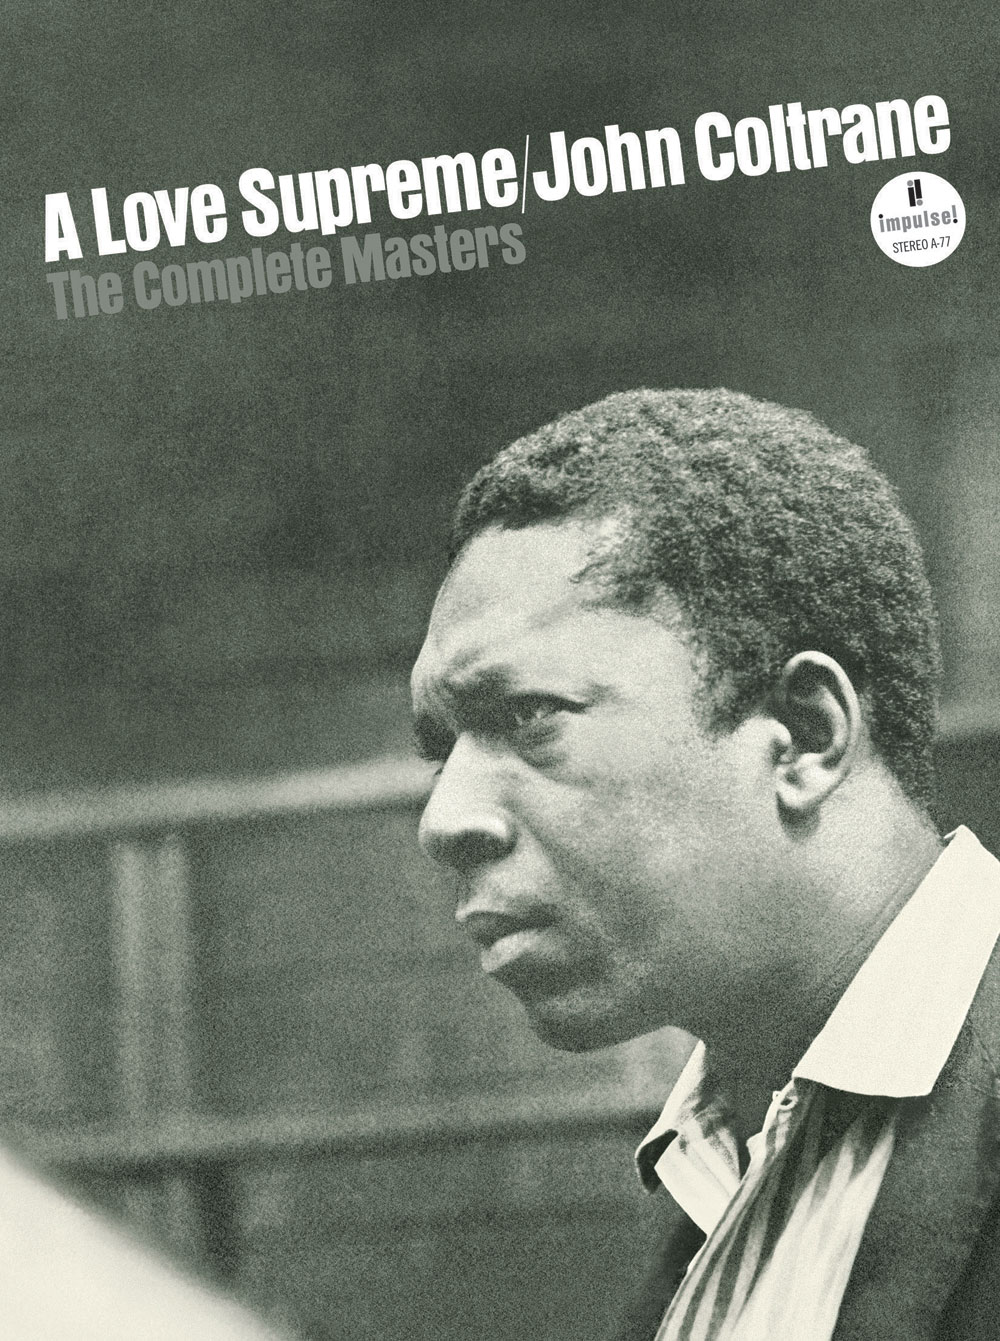 John Coltrane</br>A Love Supreme &#8211; The Complete Masters</br>Impulse!, 2015